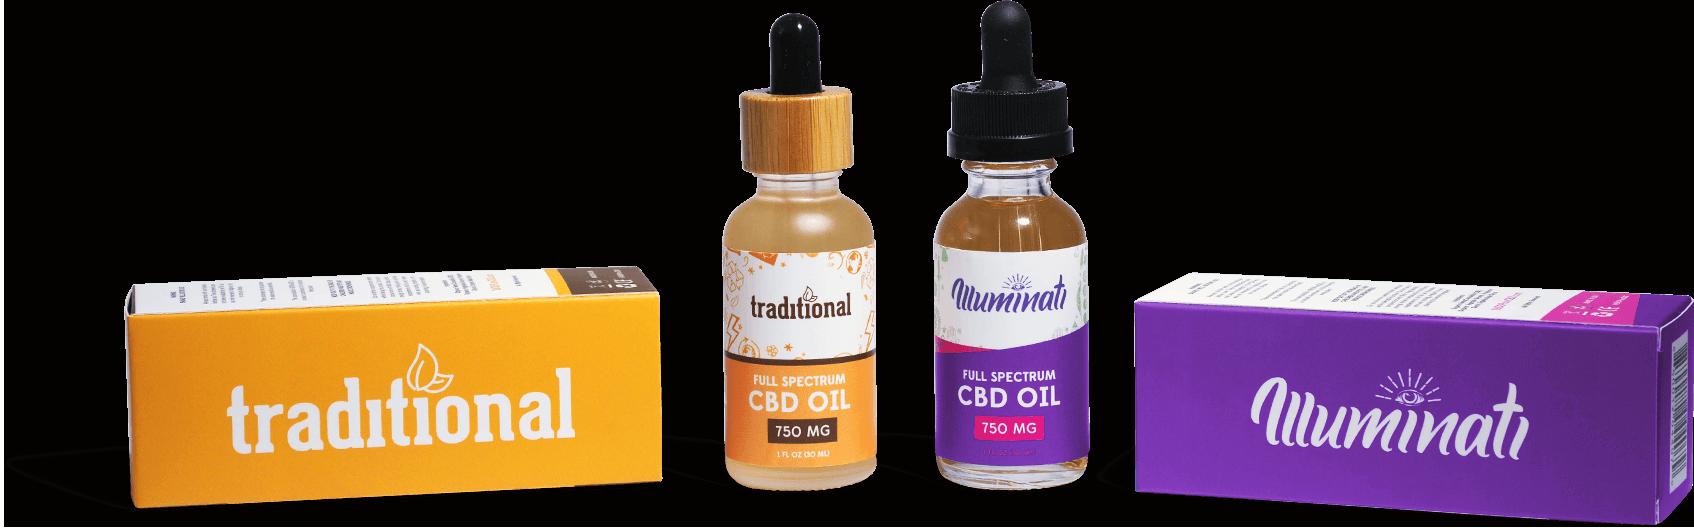 Pure CBD Oils Display